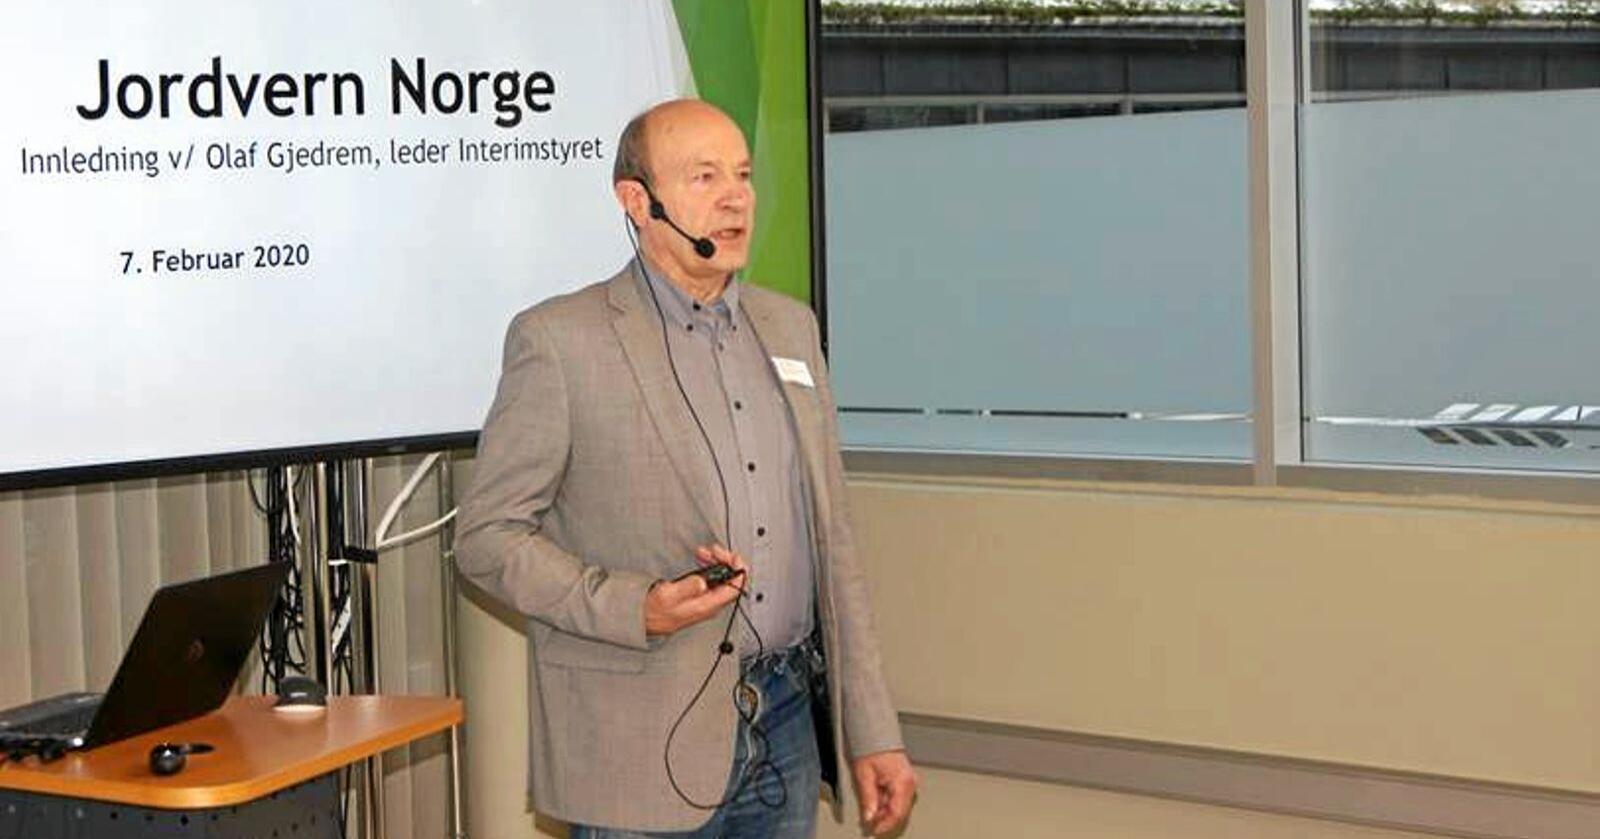 Olaf Gjedrem er leder i organisasjonen Jordvern Norge. Foto: Privat